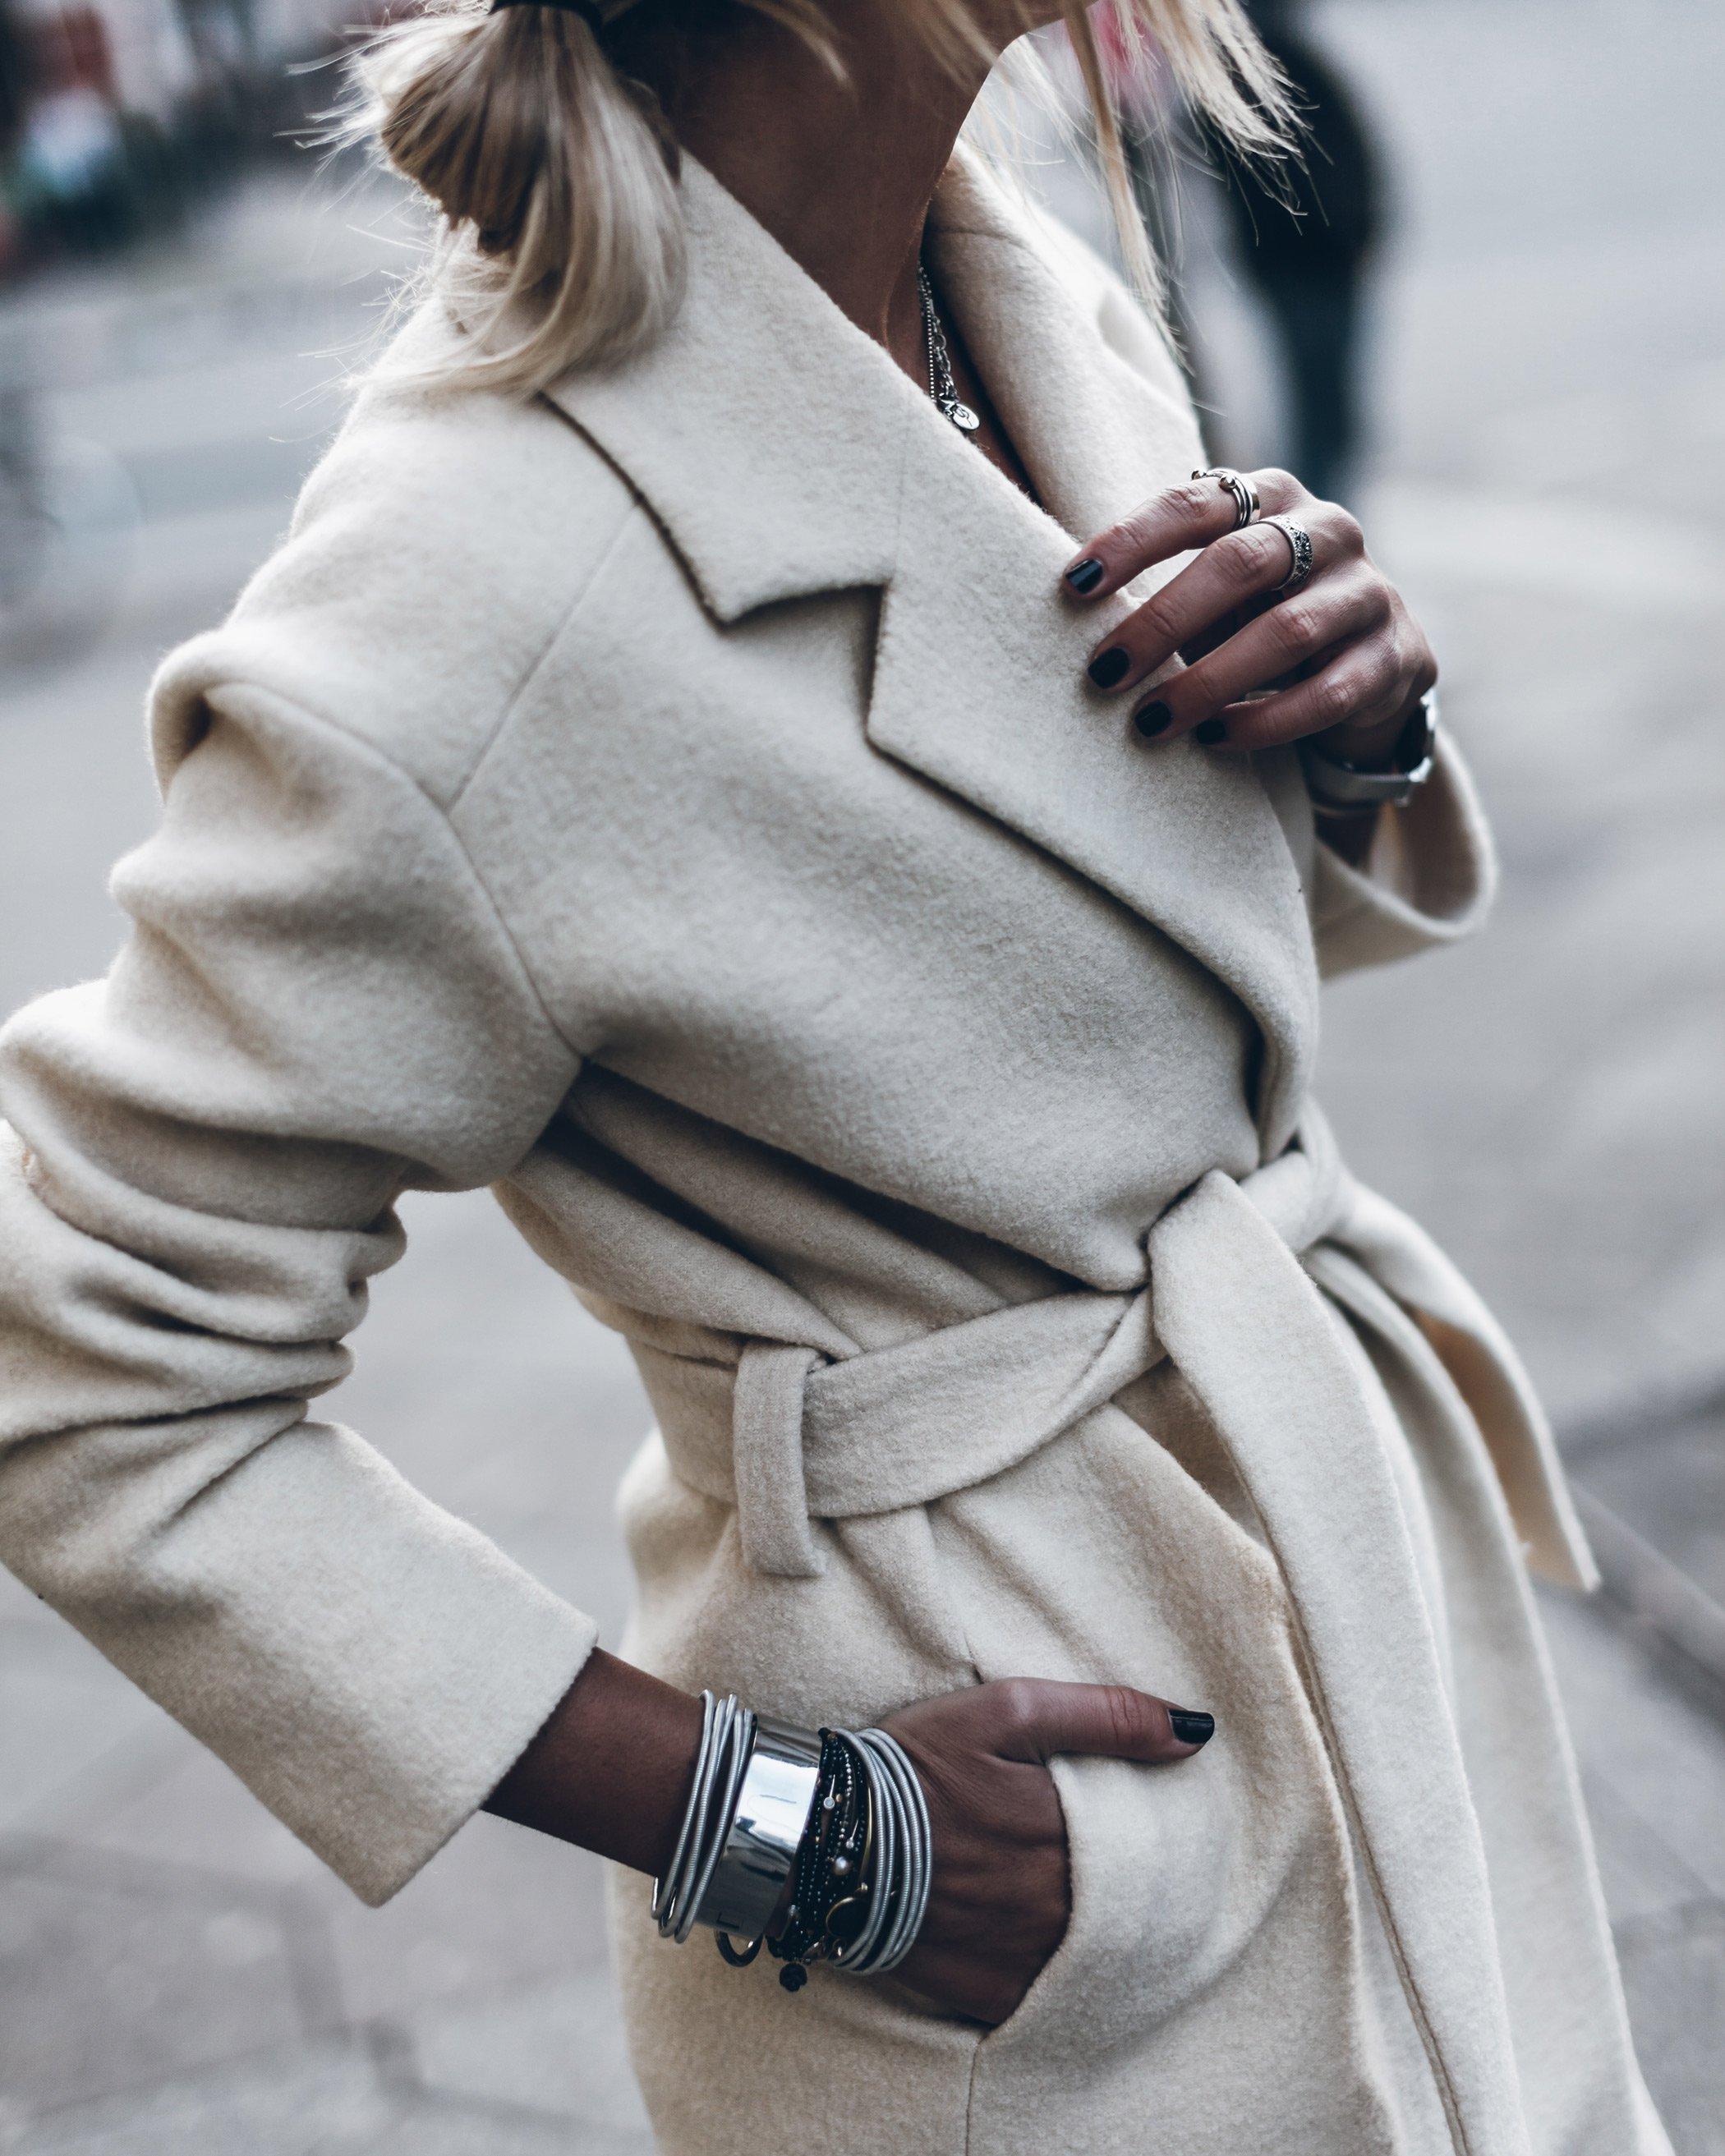 mikuta-designers-remix-white-coat-7